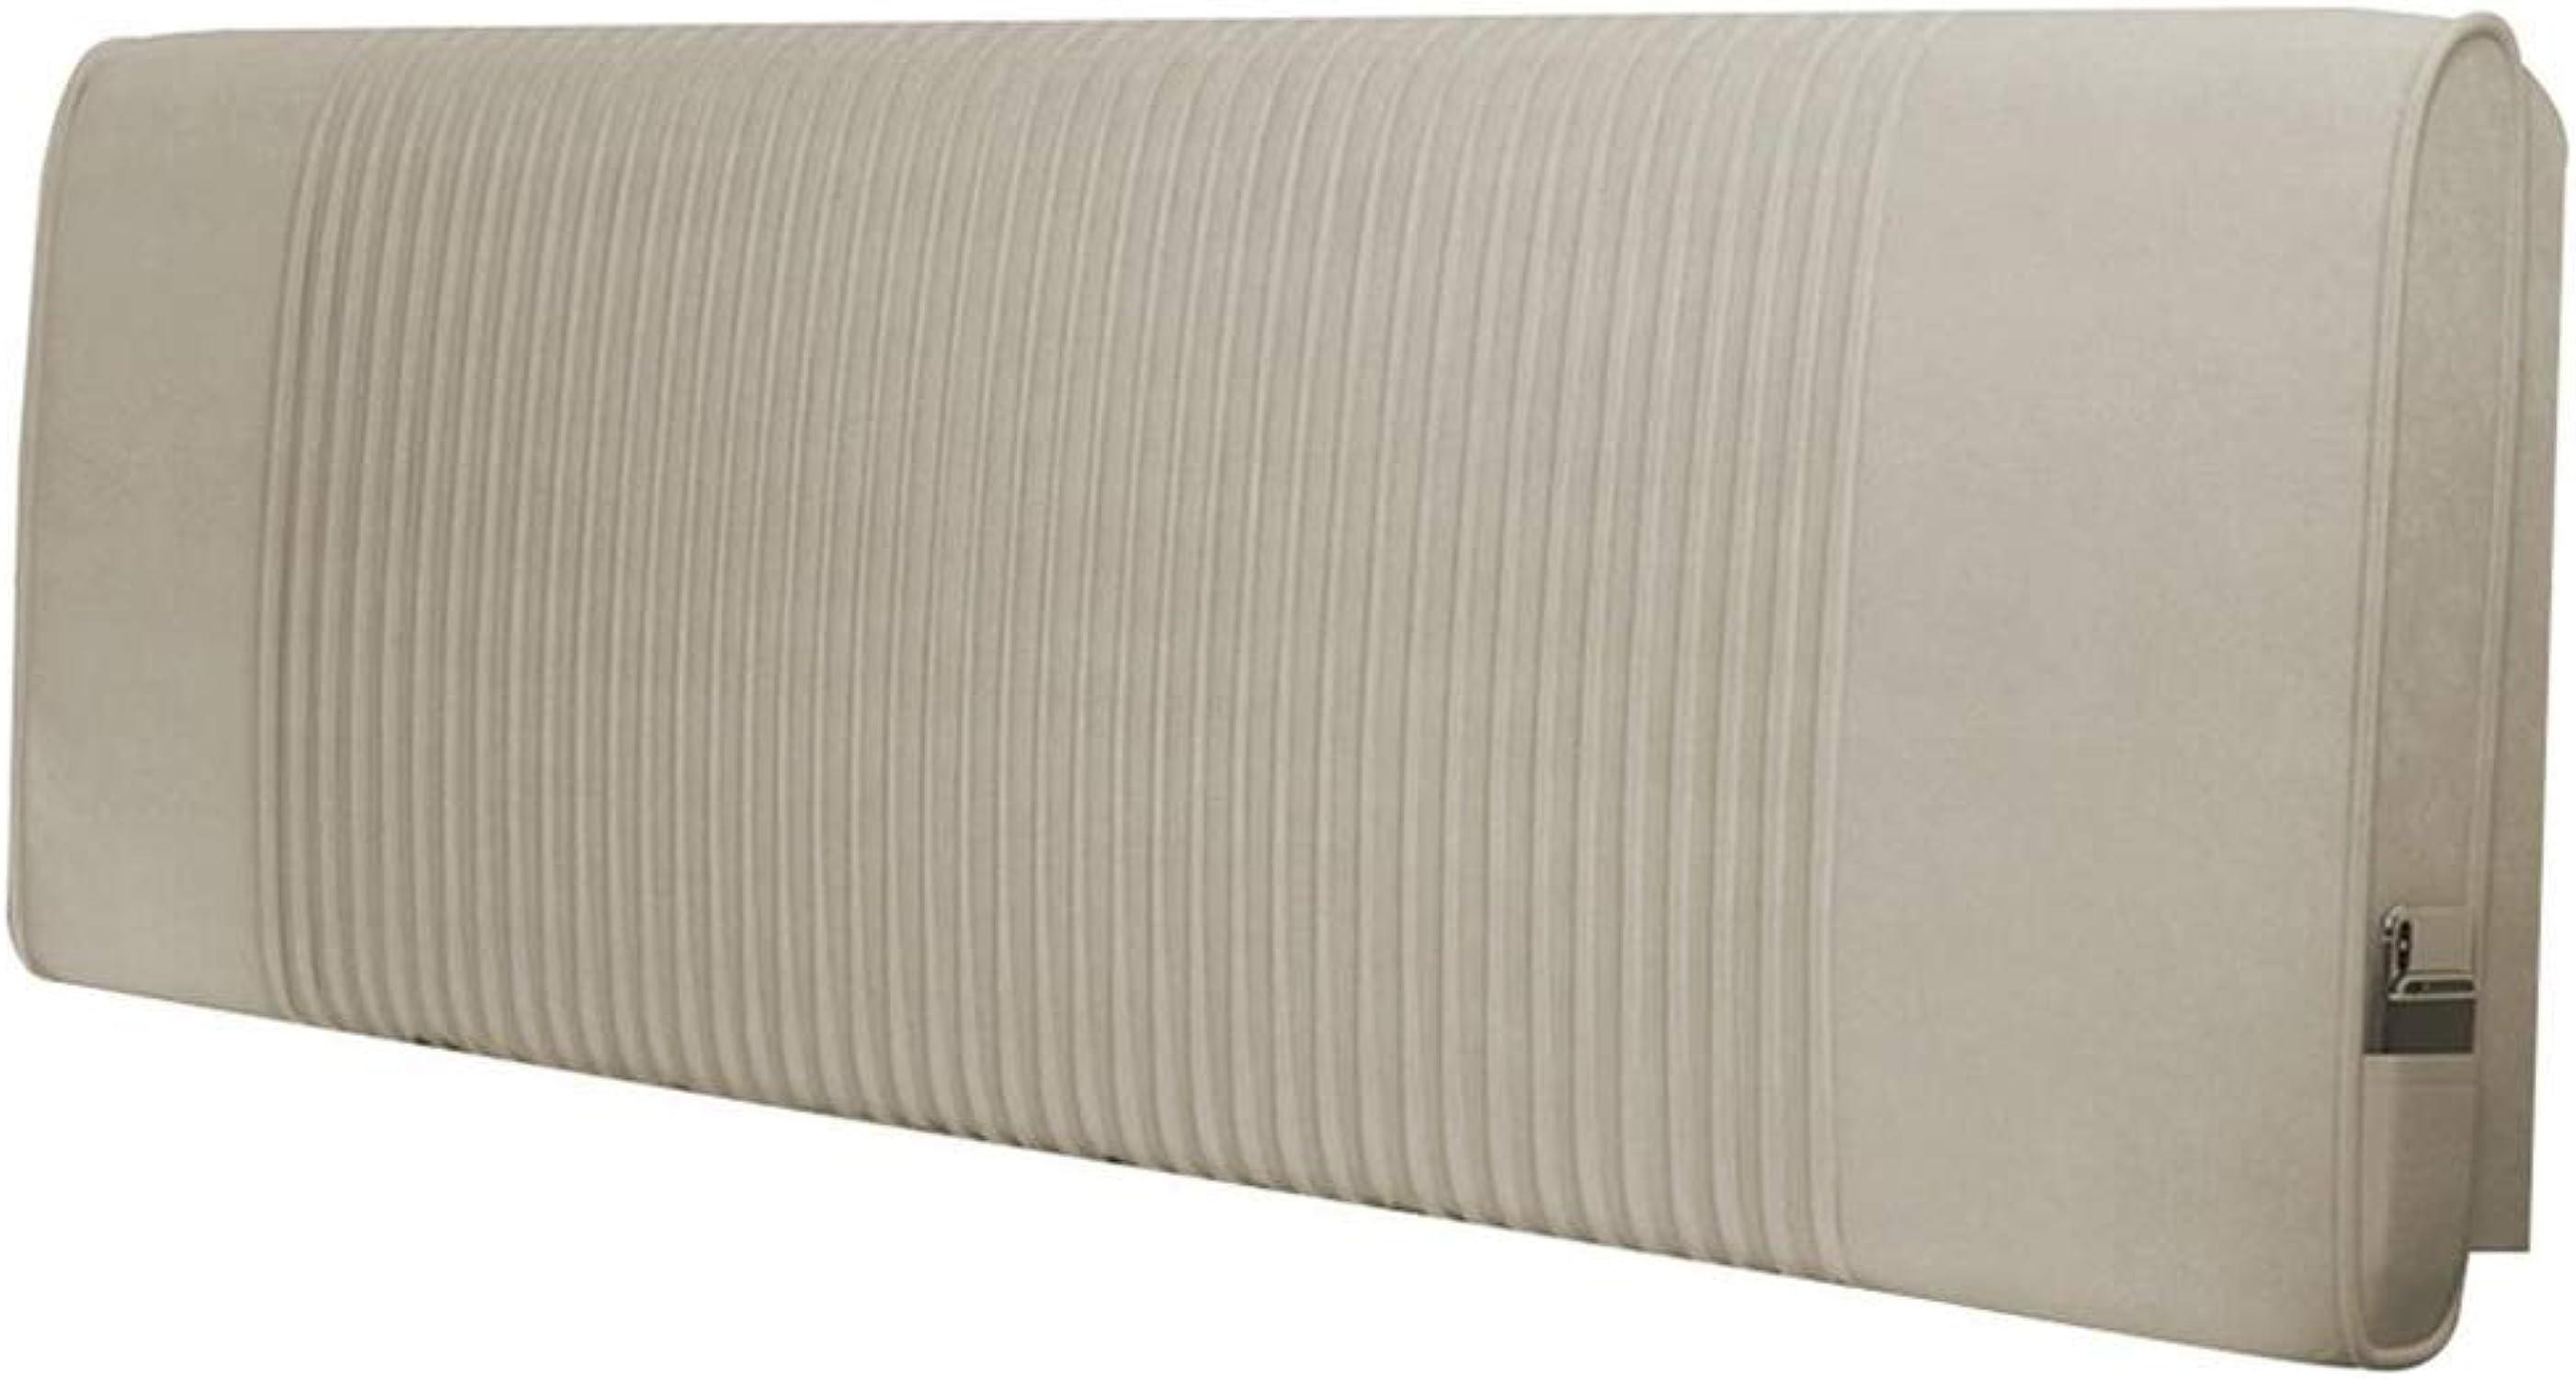 Caisse souple d'oreiller de coussin de dossier de lit de tête de lit démontable et lavable (Couleur    1, Taille   120X60X10CM)